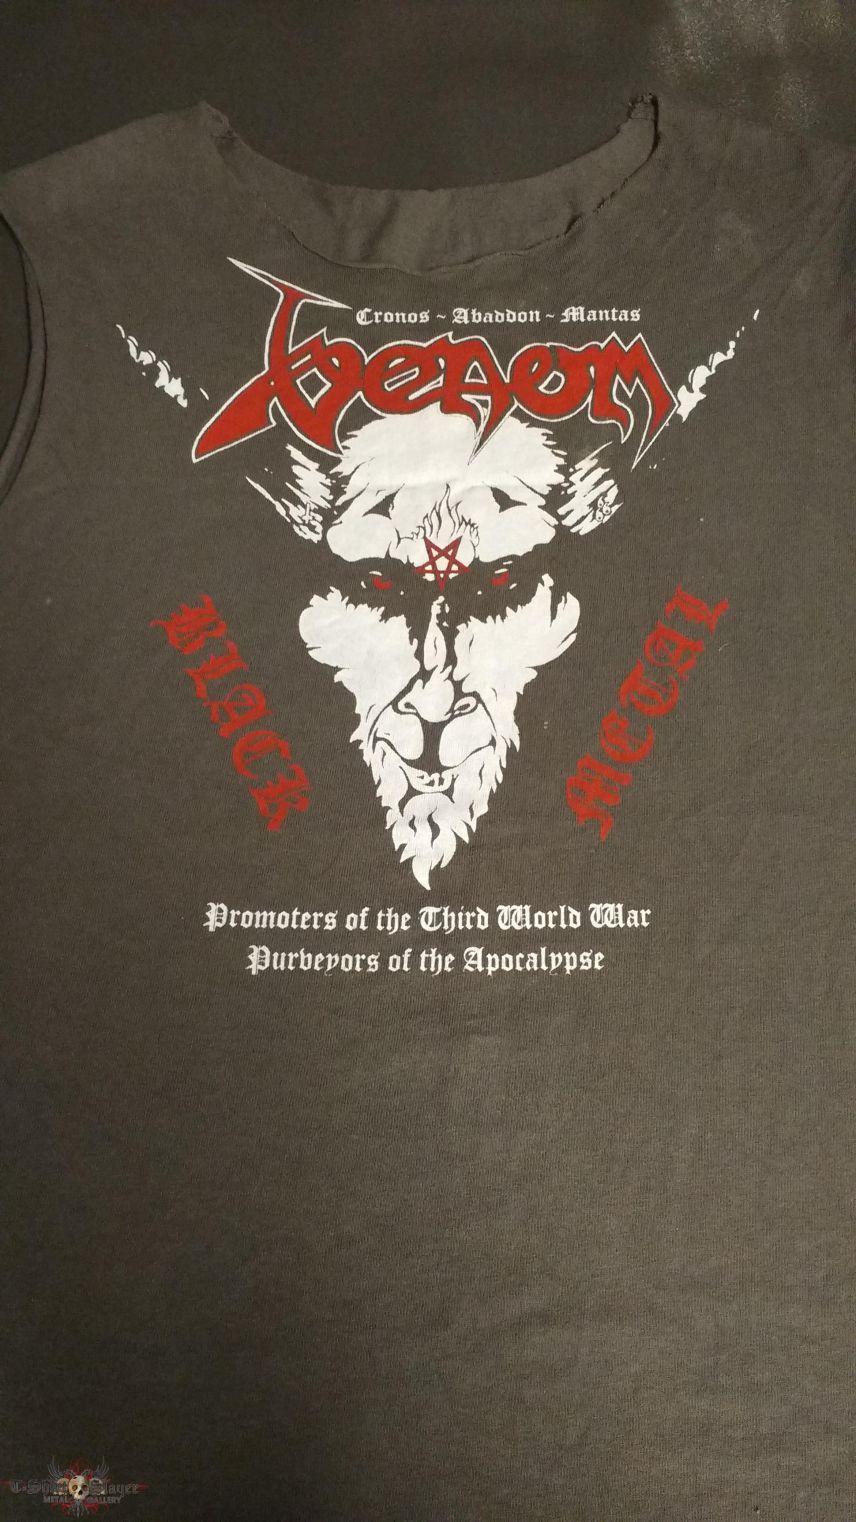 Venom - Black Metal shirt